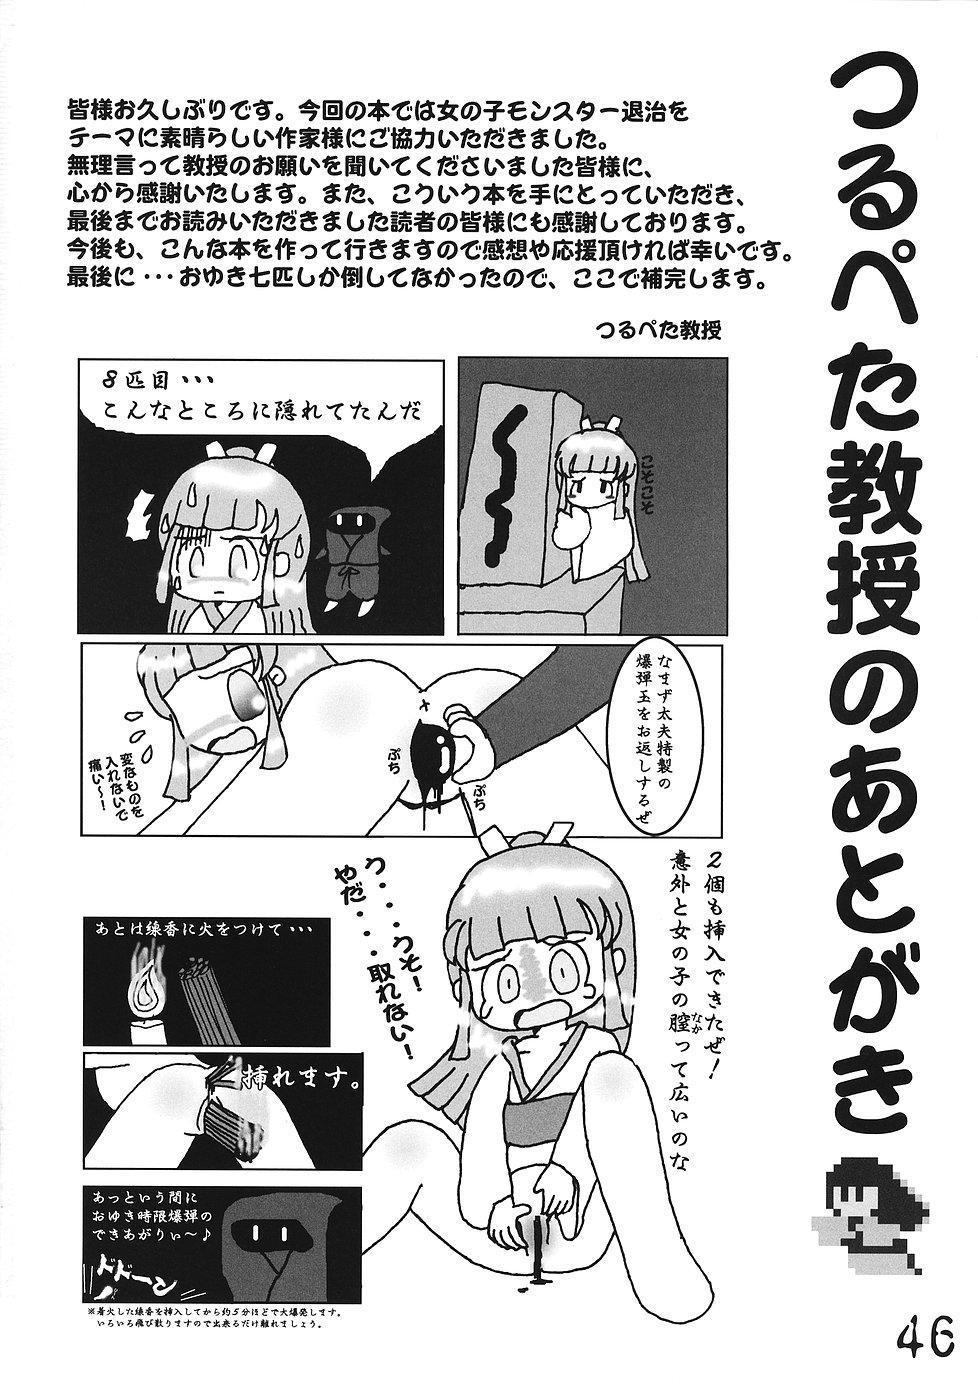 Tsurupeta Kenkyuusho Houkokusho 44